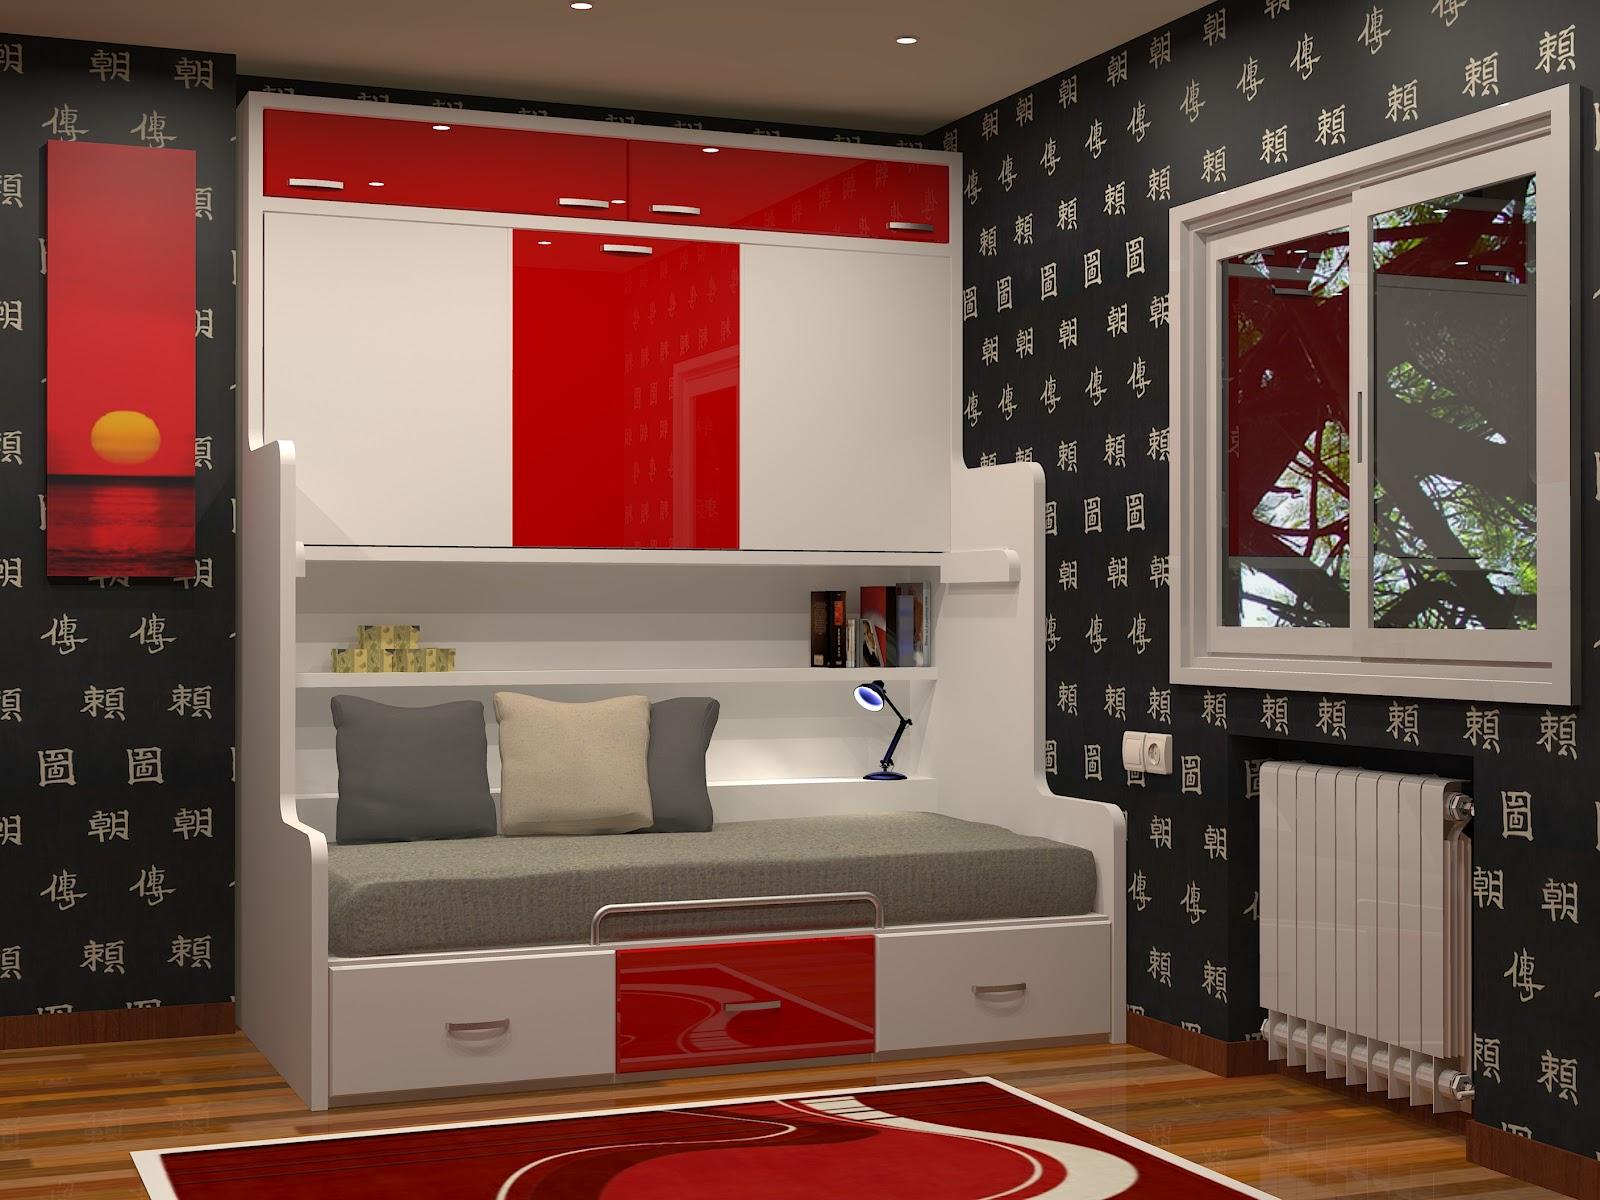 Camas abatibles en madrid camas abatibles toledo muebles parchis literas abatibles - Camas abatibles literas ...